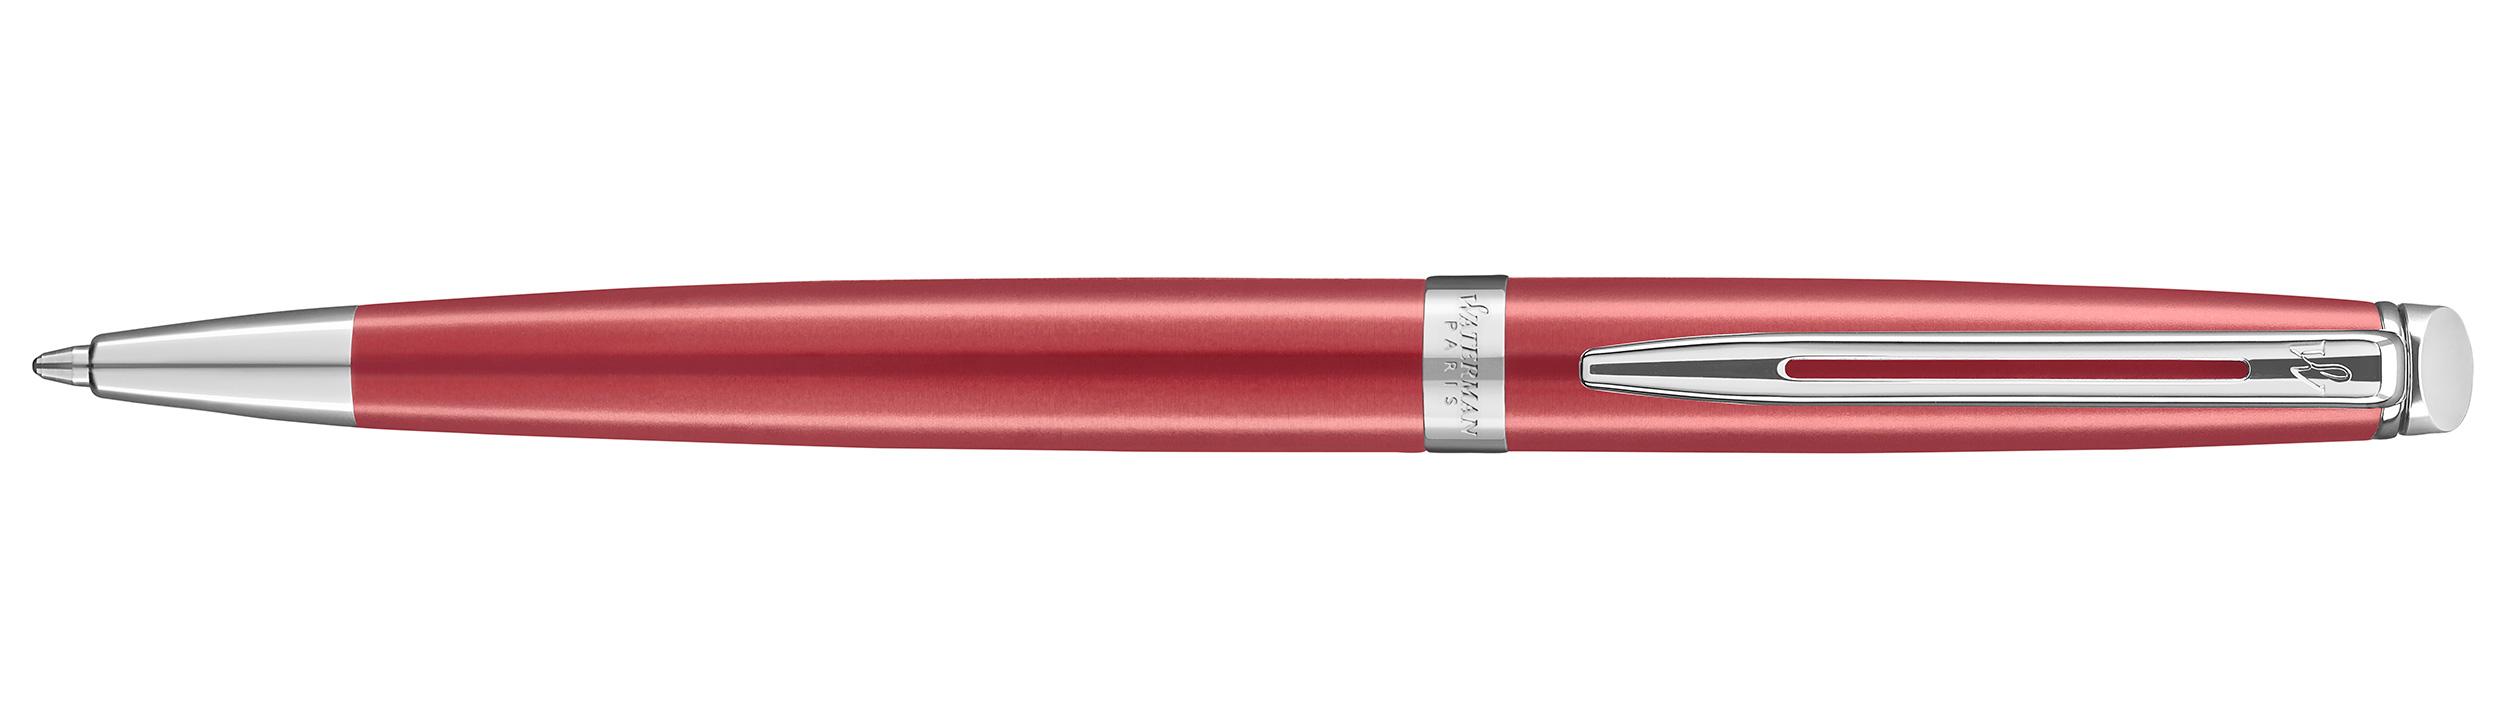 Шариковая ручка, М